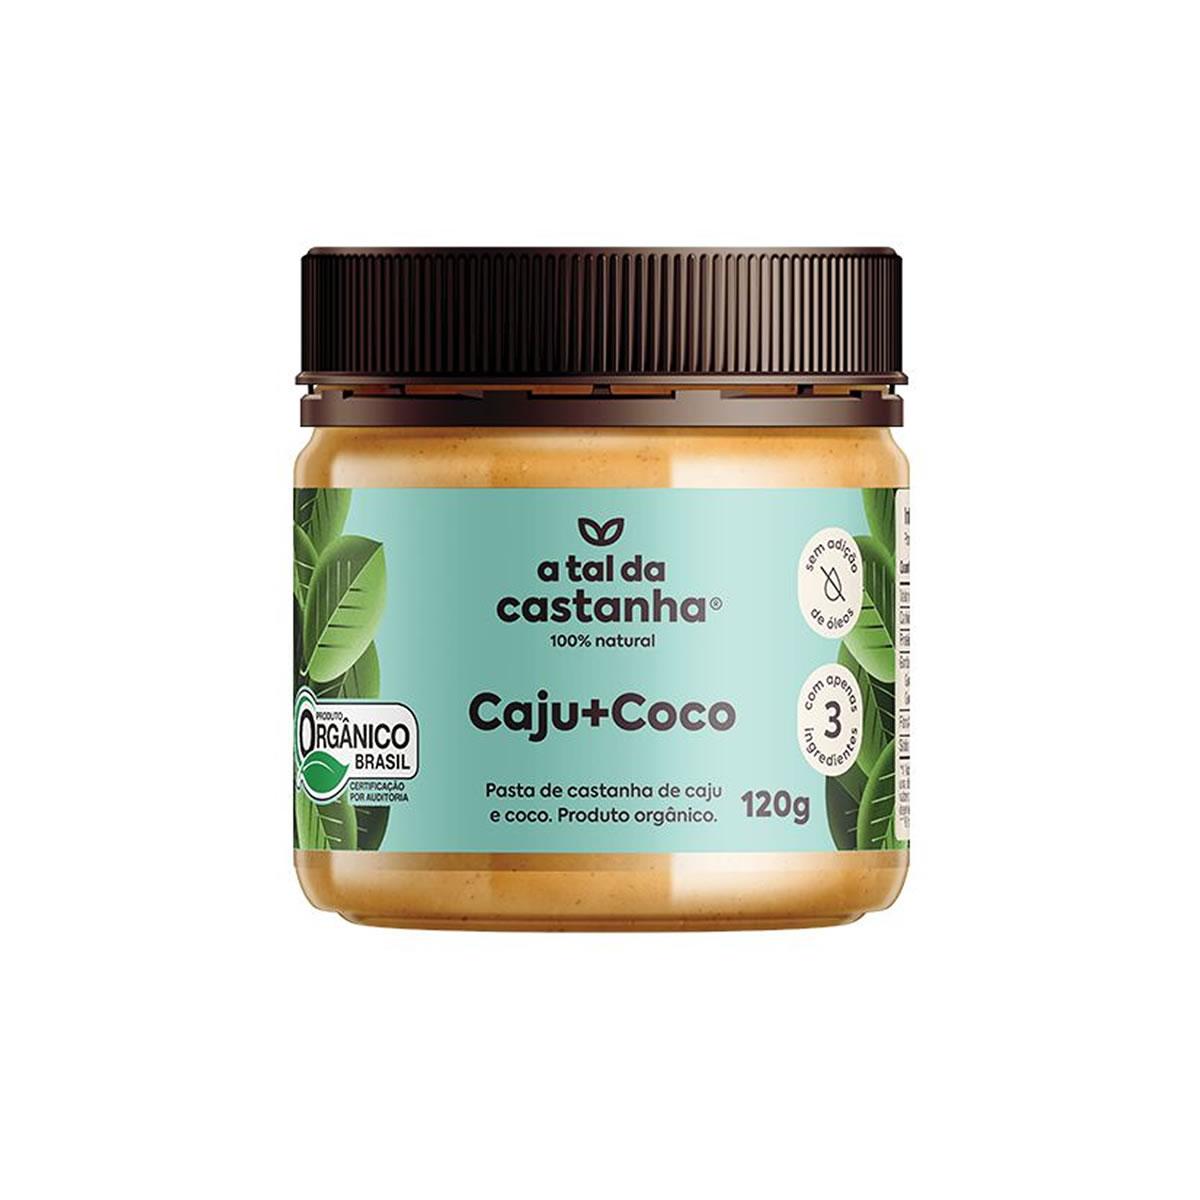 Pasta de Castanha de Caju e Coco Orgânico 120g - A Tal da Castanha